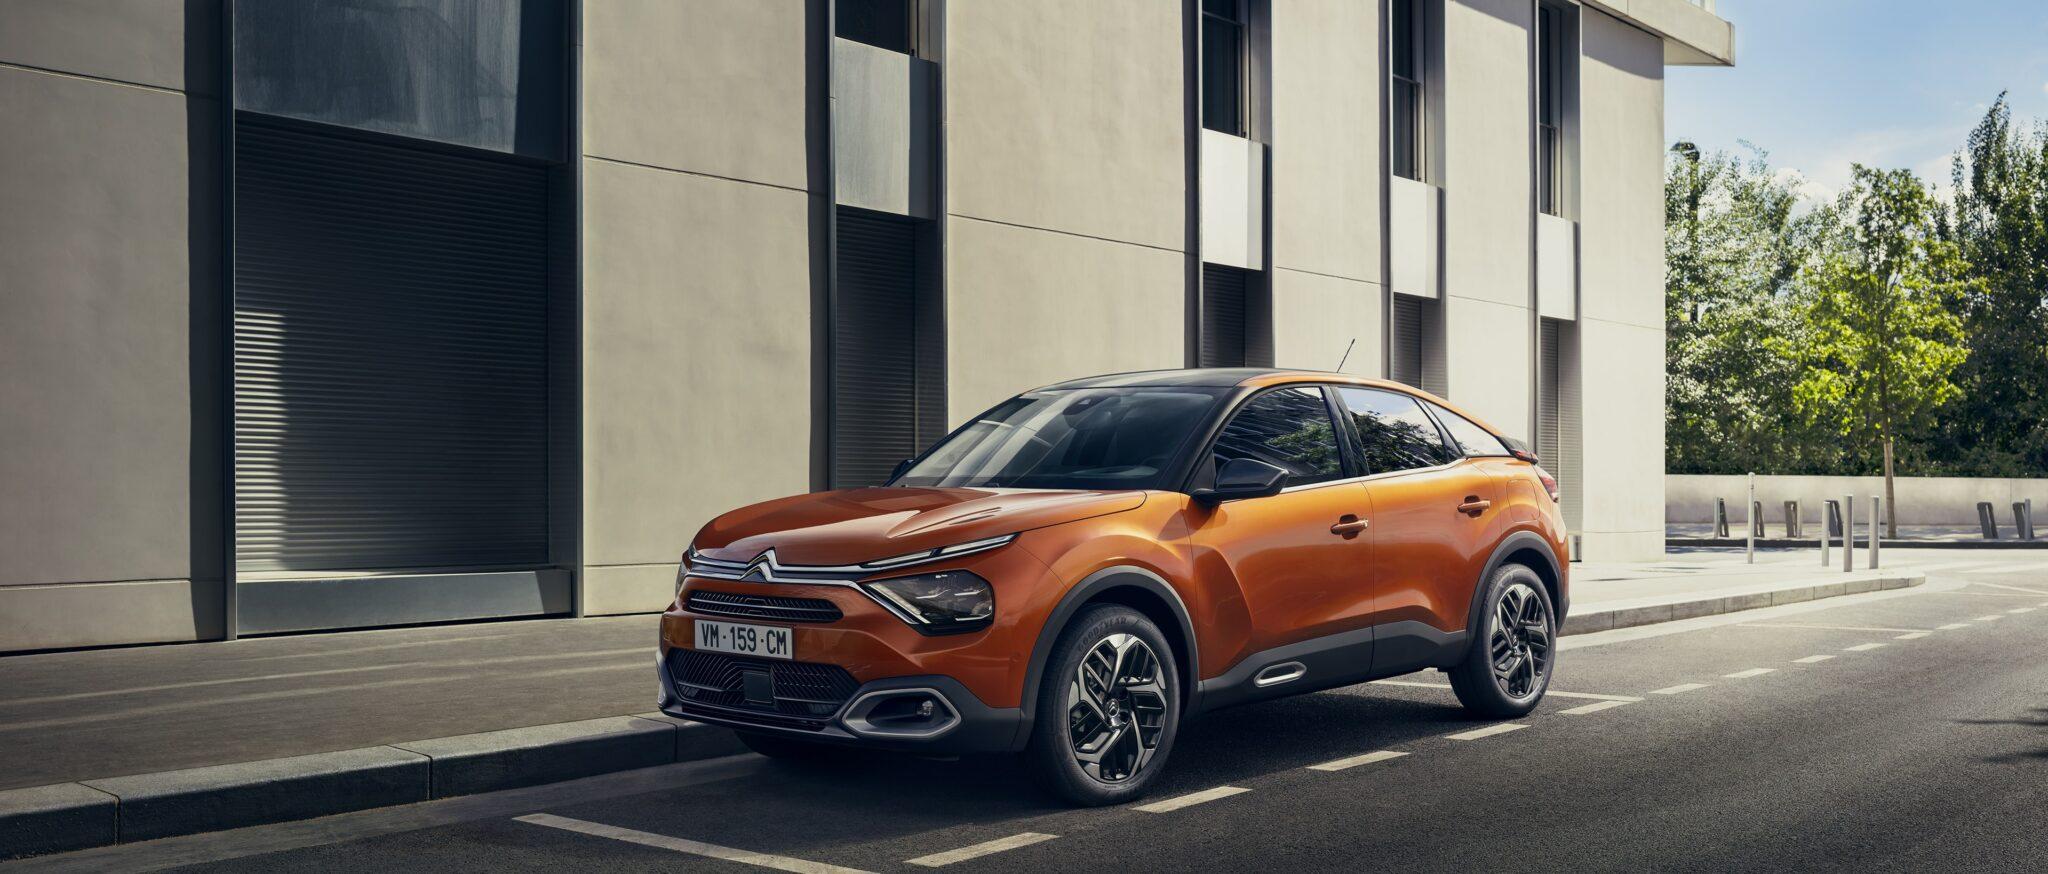 Neuer ë-C4 - Citroën erfindet die Kompaktlimousine NEU! » CL 20.026.008 min scaled